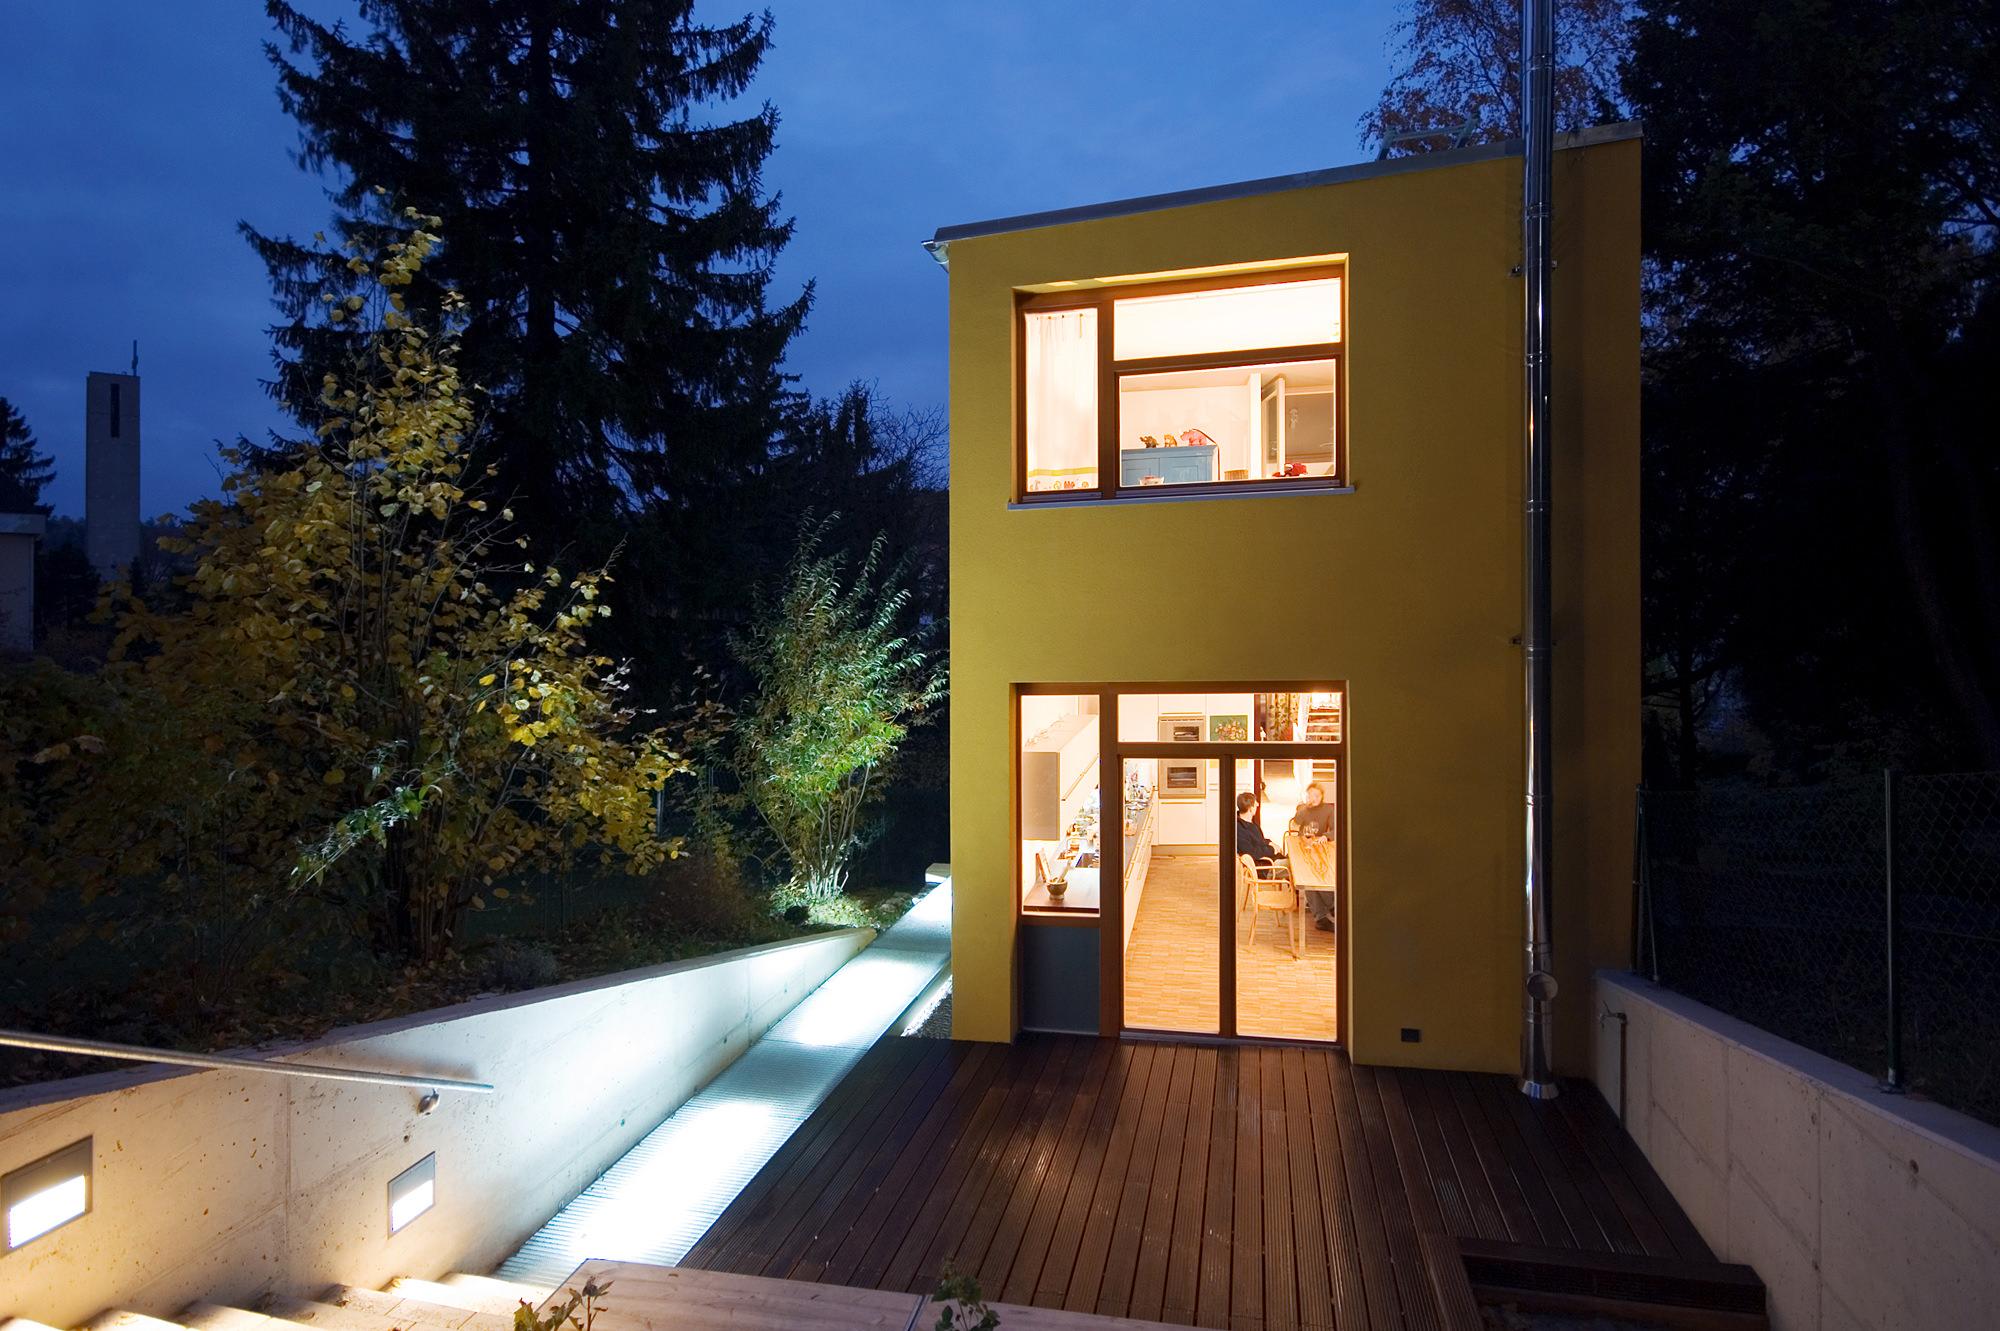 haus_ik_03_haus_im_park_1180_wien_junger_beer_architektur